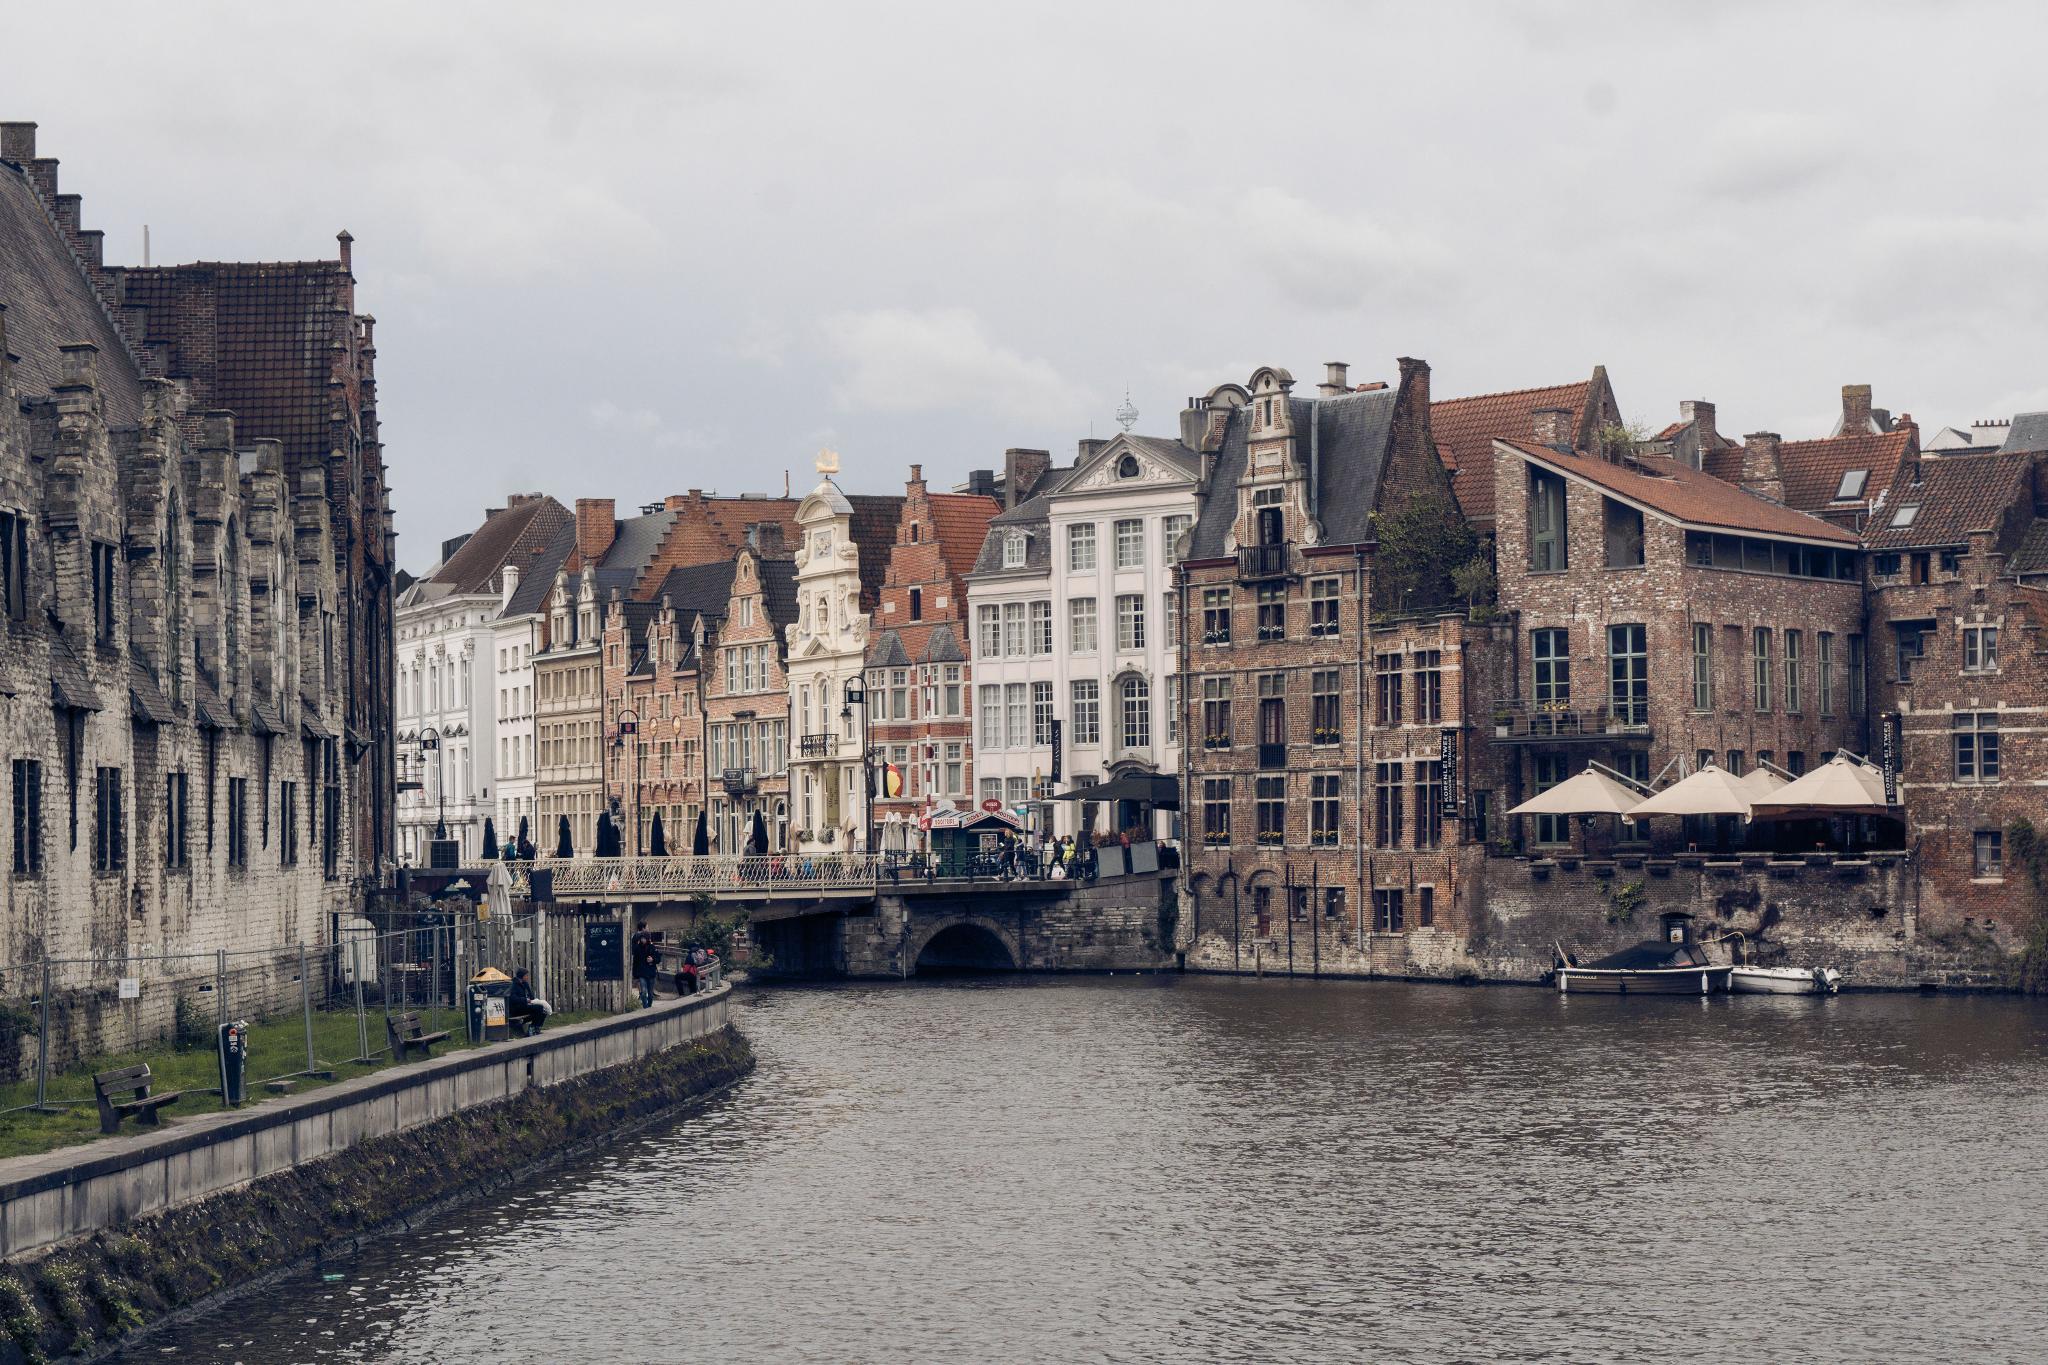 【比利時】穿梭中世紀的大城小事 — 比利時根特 (Ghent) 散步景點總整理 92